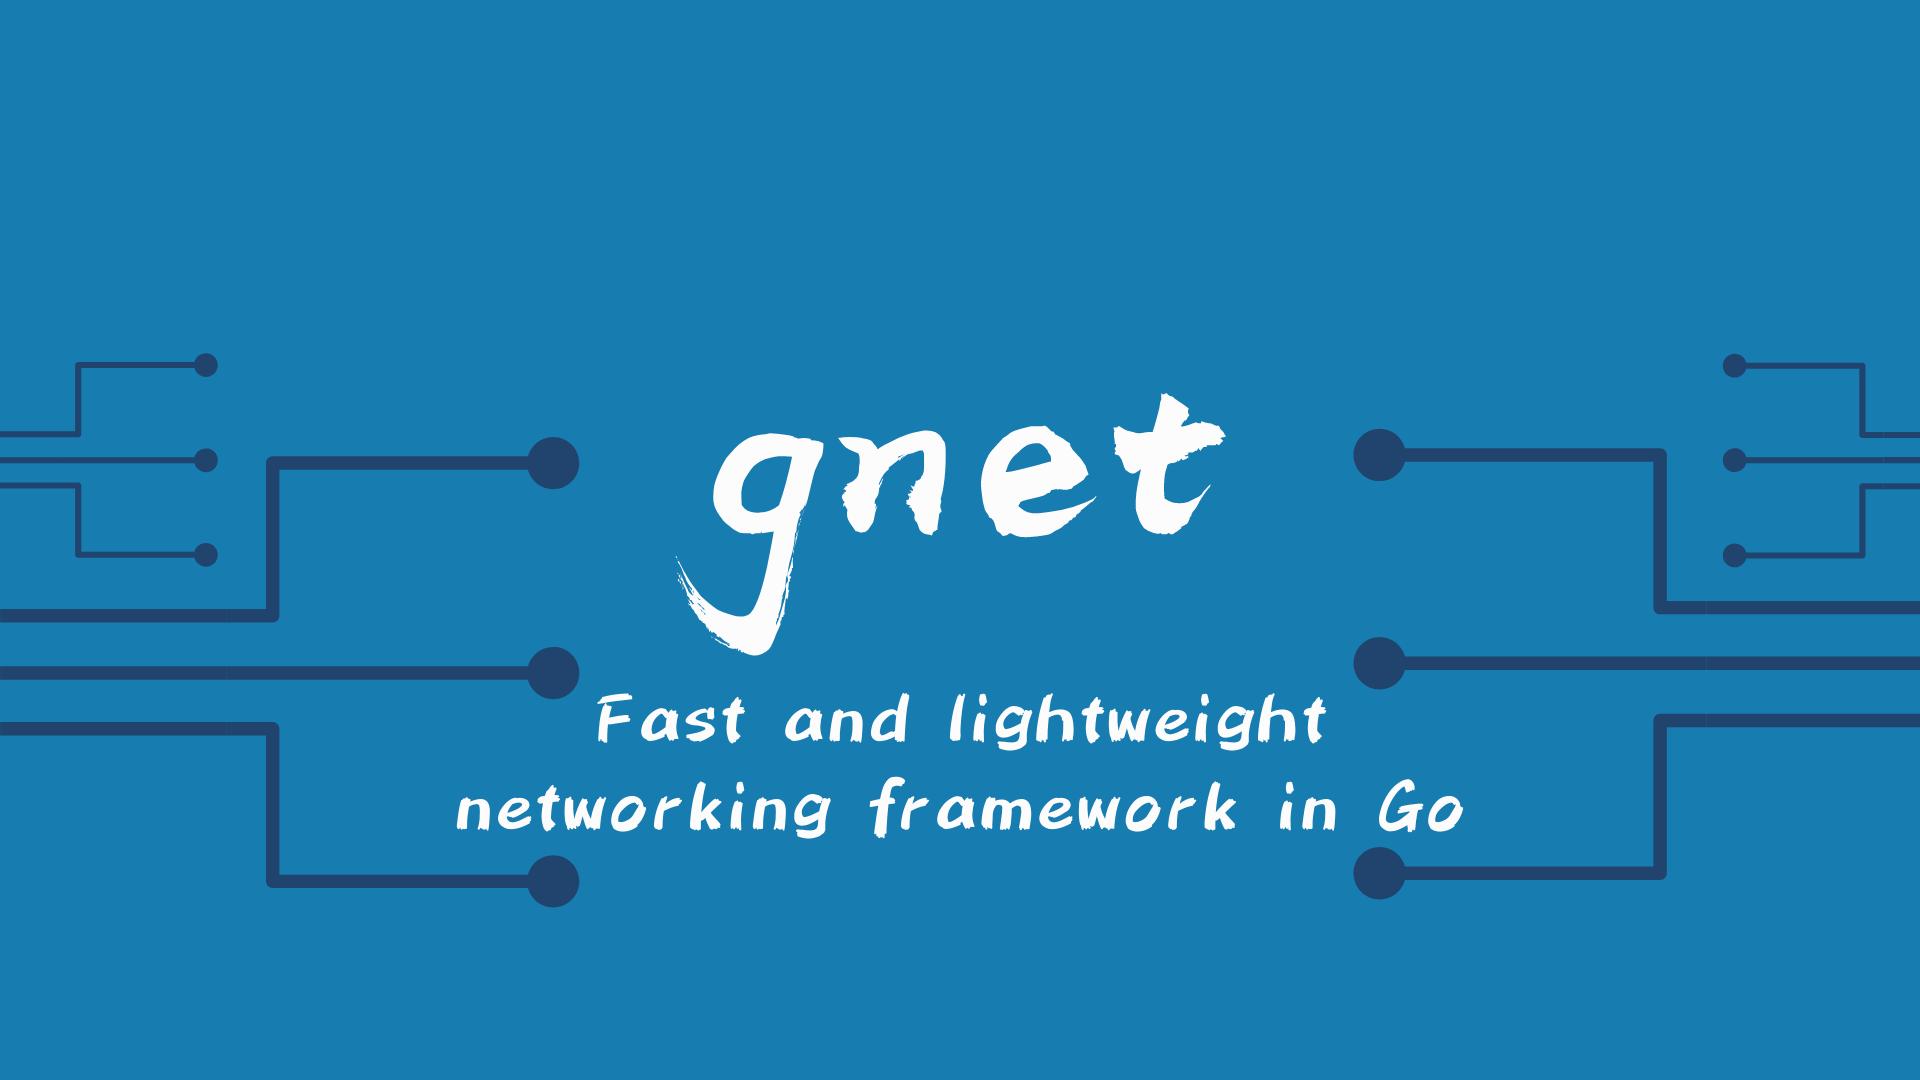 gnet: 一个轻量级且高性能的 Go 网络框架